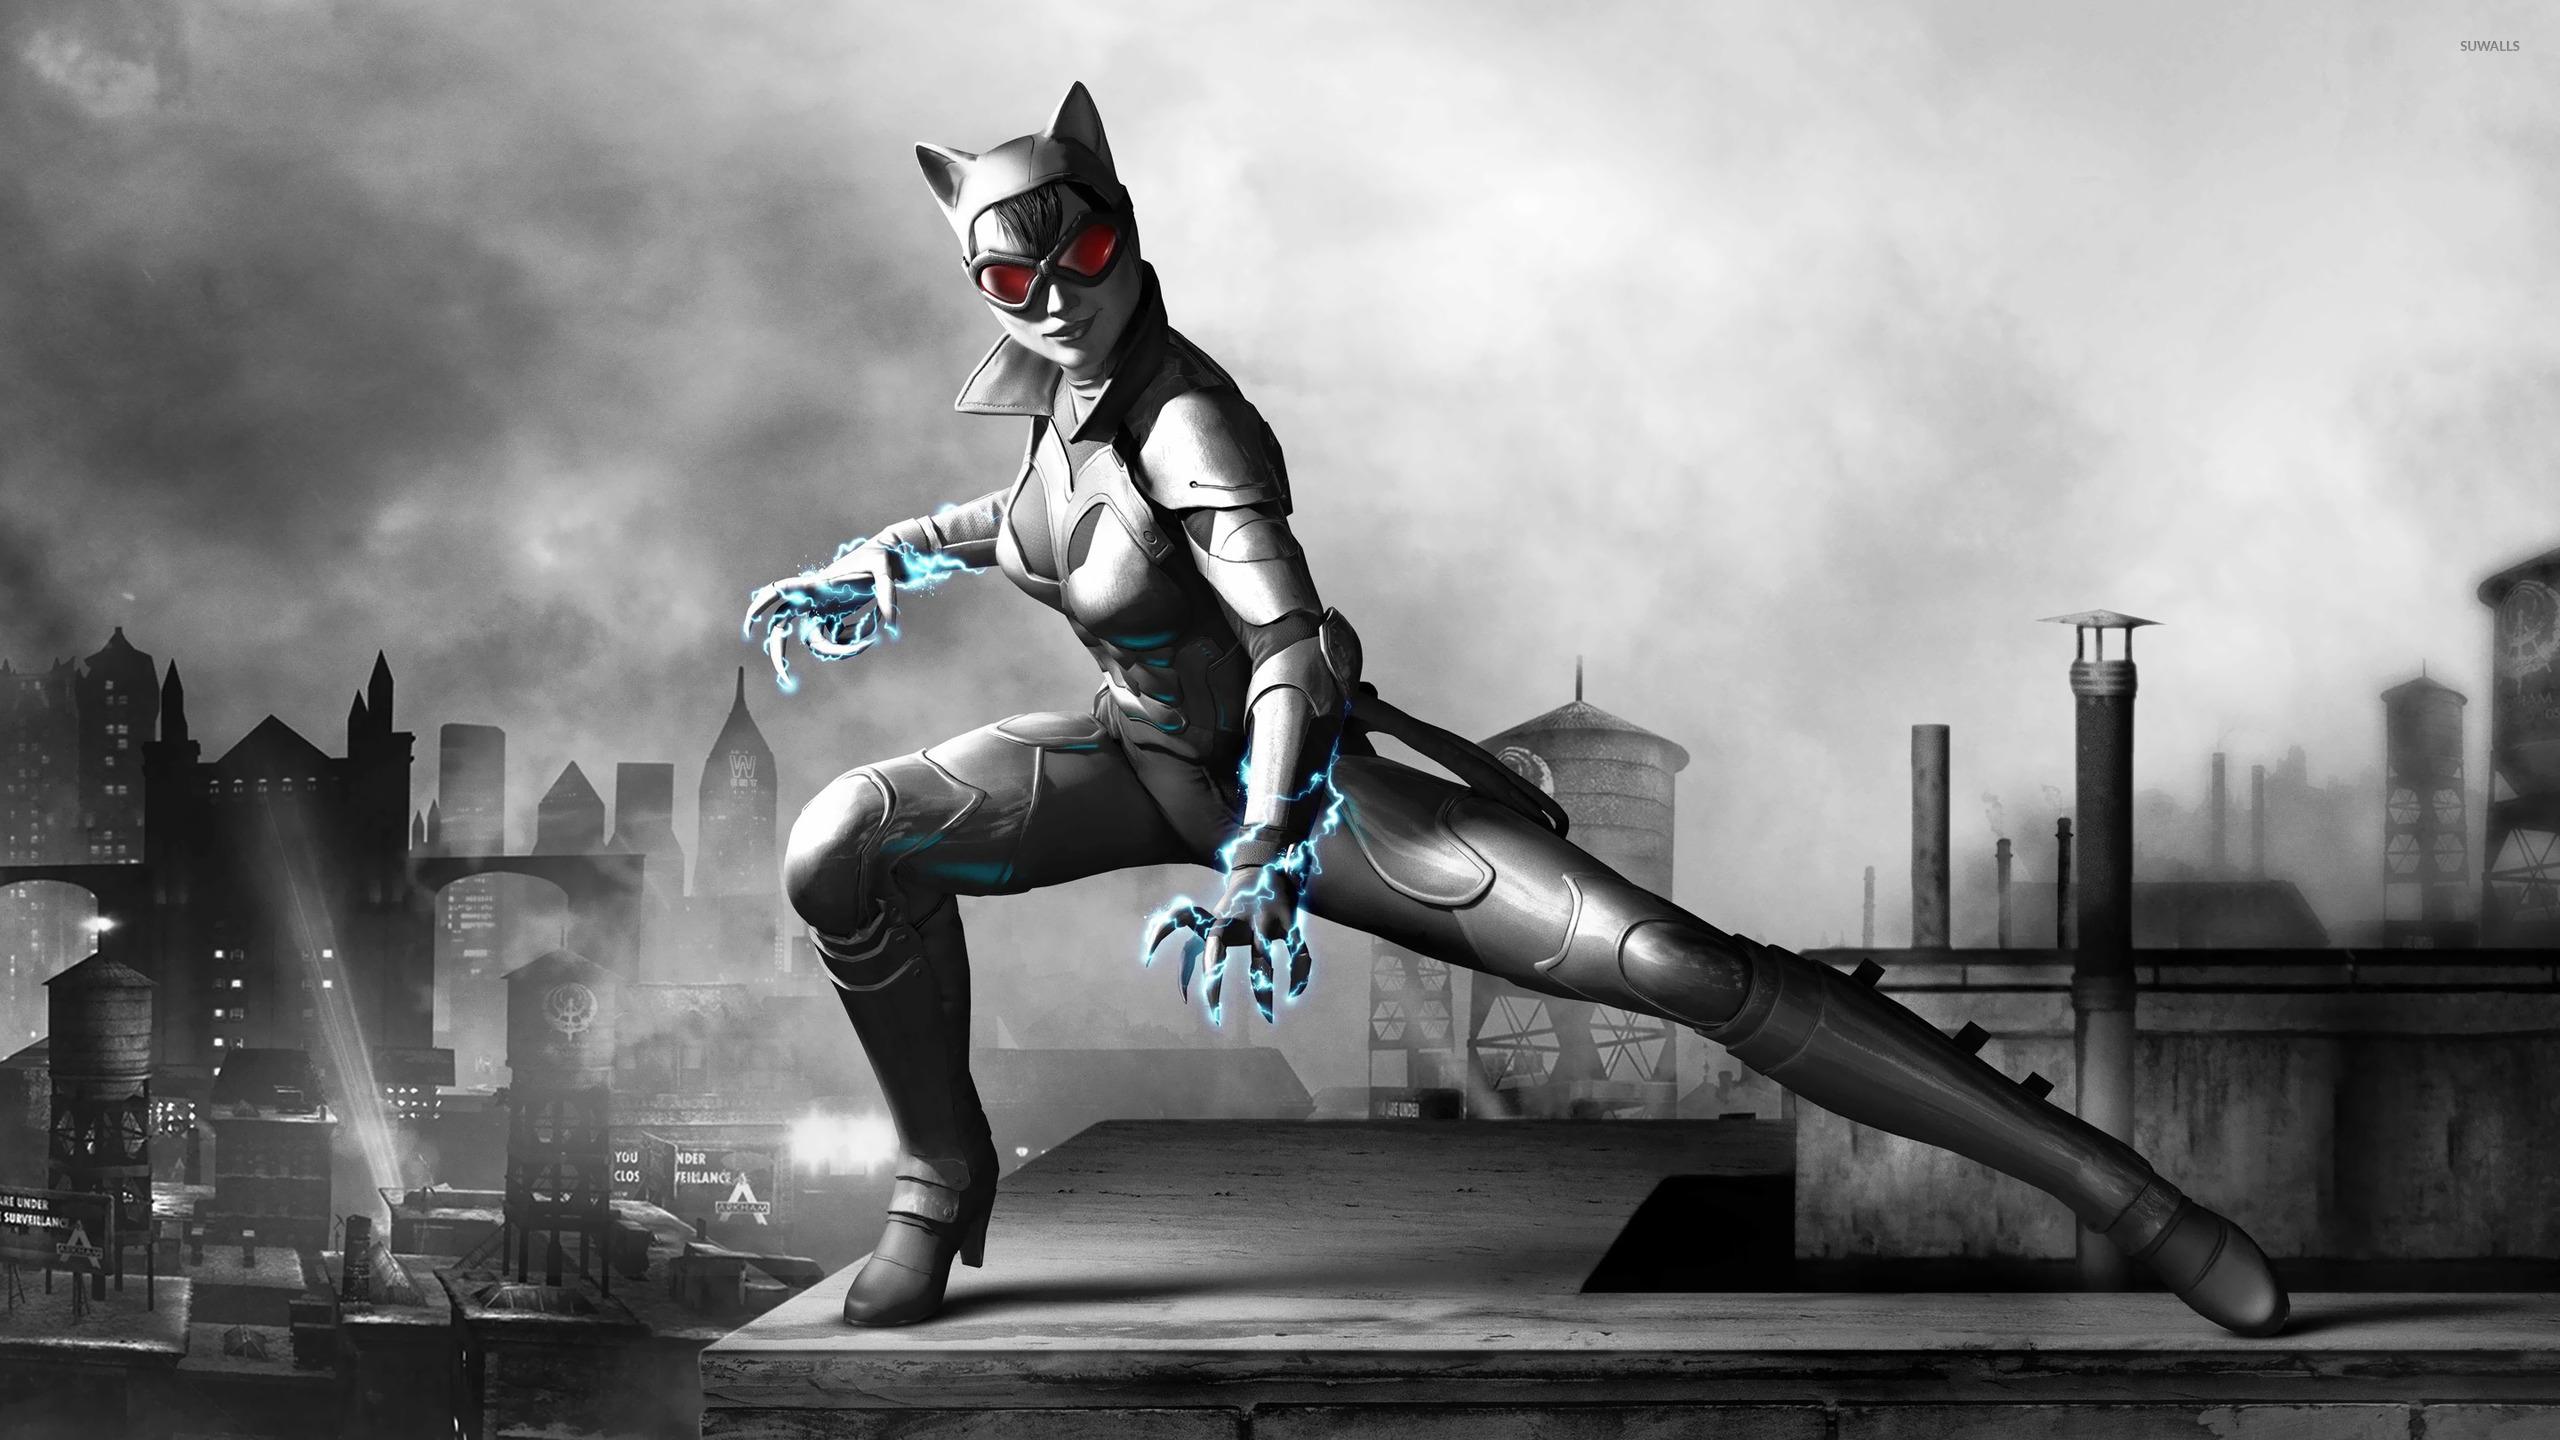 Batman Arkham City Wallpaper Arlequina: Batman: Arkham City [6] Wallpaper